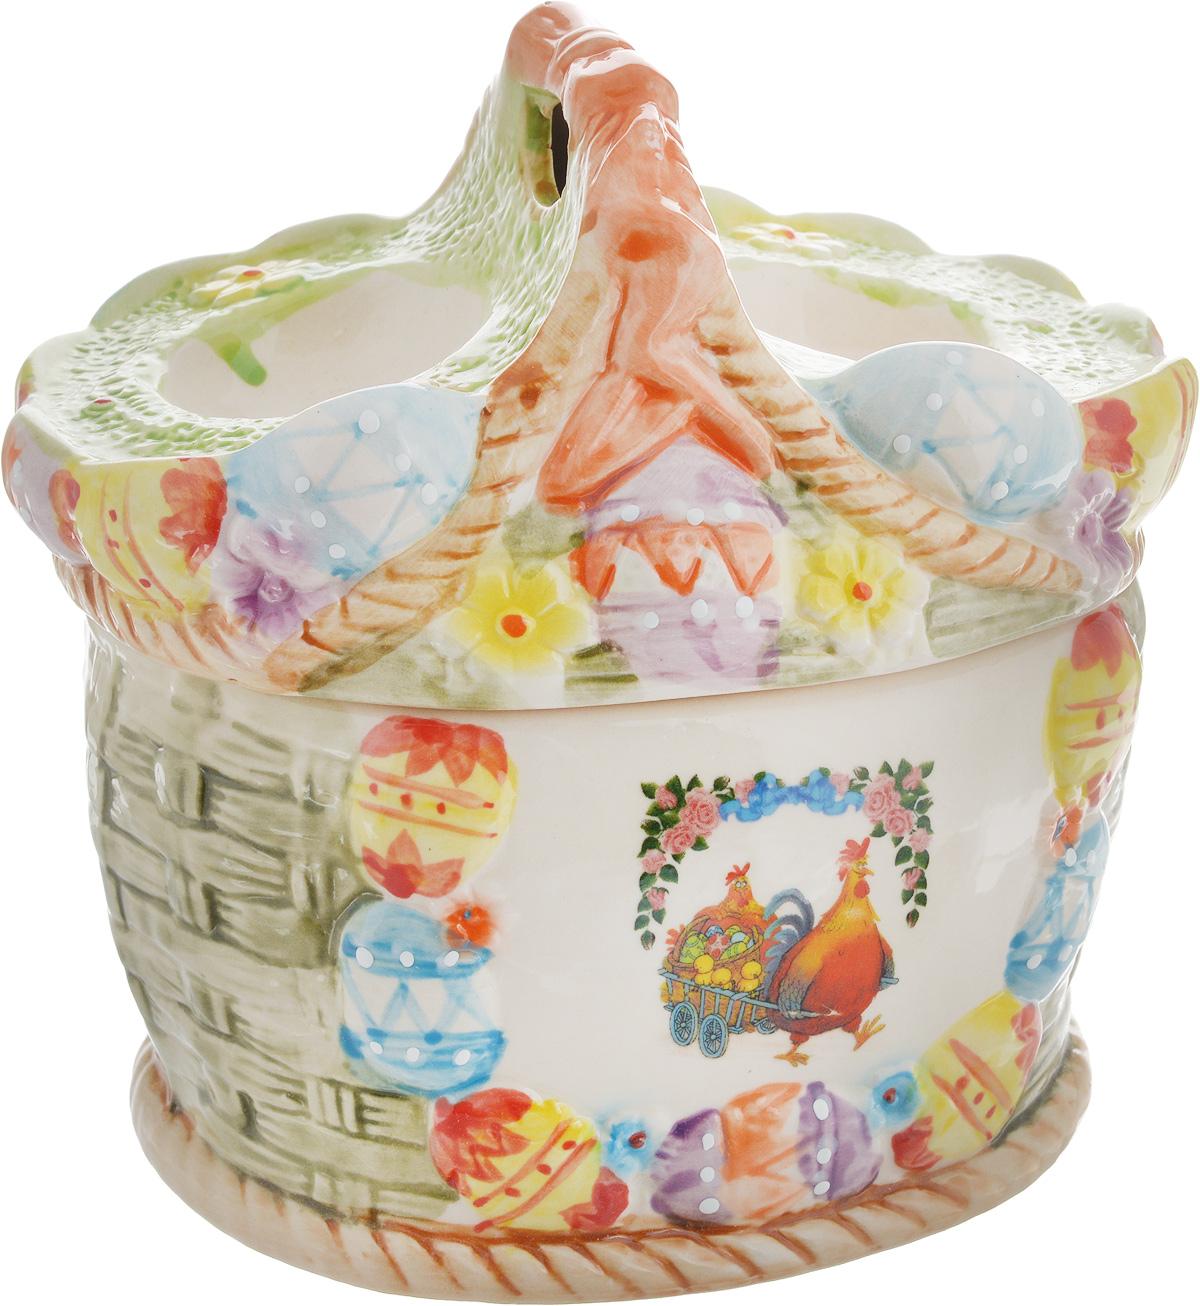 Ваза Win Max, для пасхальных яиц и угощений, 14 х 16 х 13 см94672Ваза Win Max изготовлена из высококачественной керамики с глазурованным покрытием и оформлена рельефным рисунком. Изделие дополнено крышкой, на которой расположены подставки для яиц. Крышка дополнена ручкой. Оригинальный дизайн украсит интерьер вашей кухни, а функциональность порадует любую хозяйку. Размеры емкости (без учета крышки): 15 х 12,5 х 9 смВысота крышки: 8,5 см